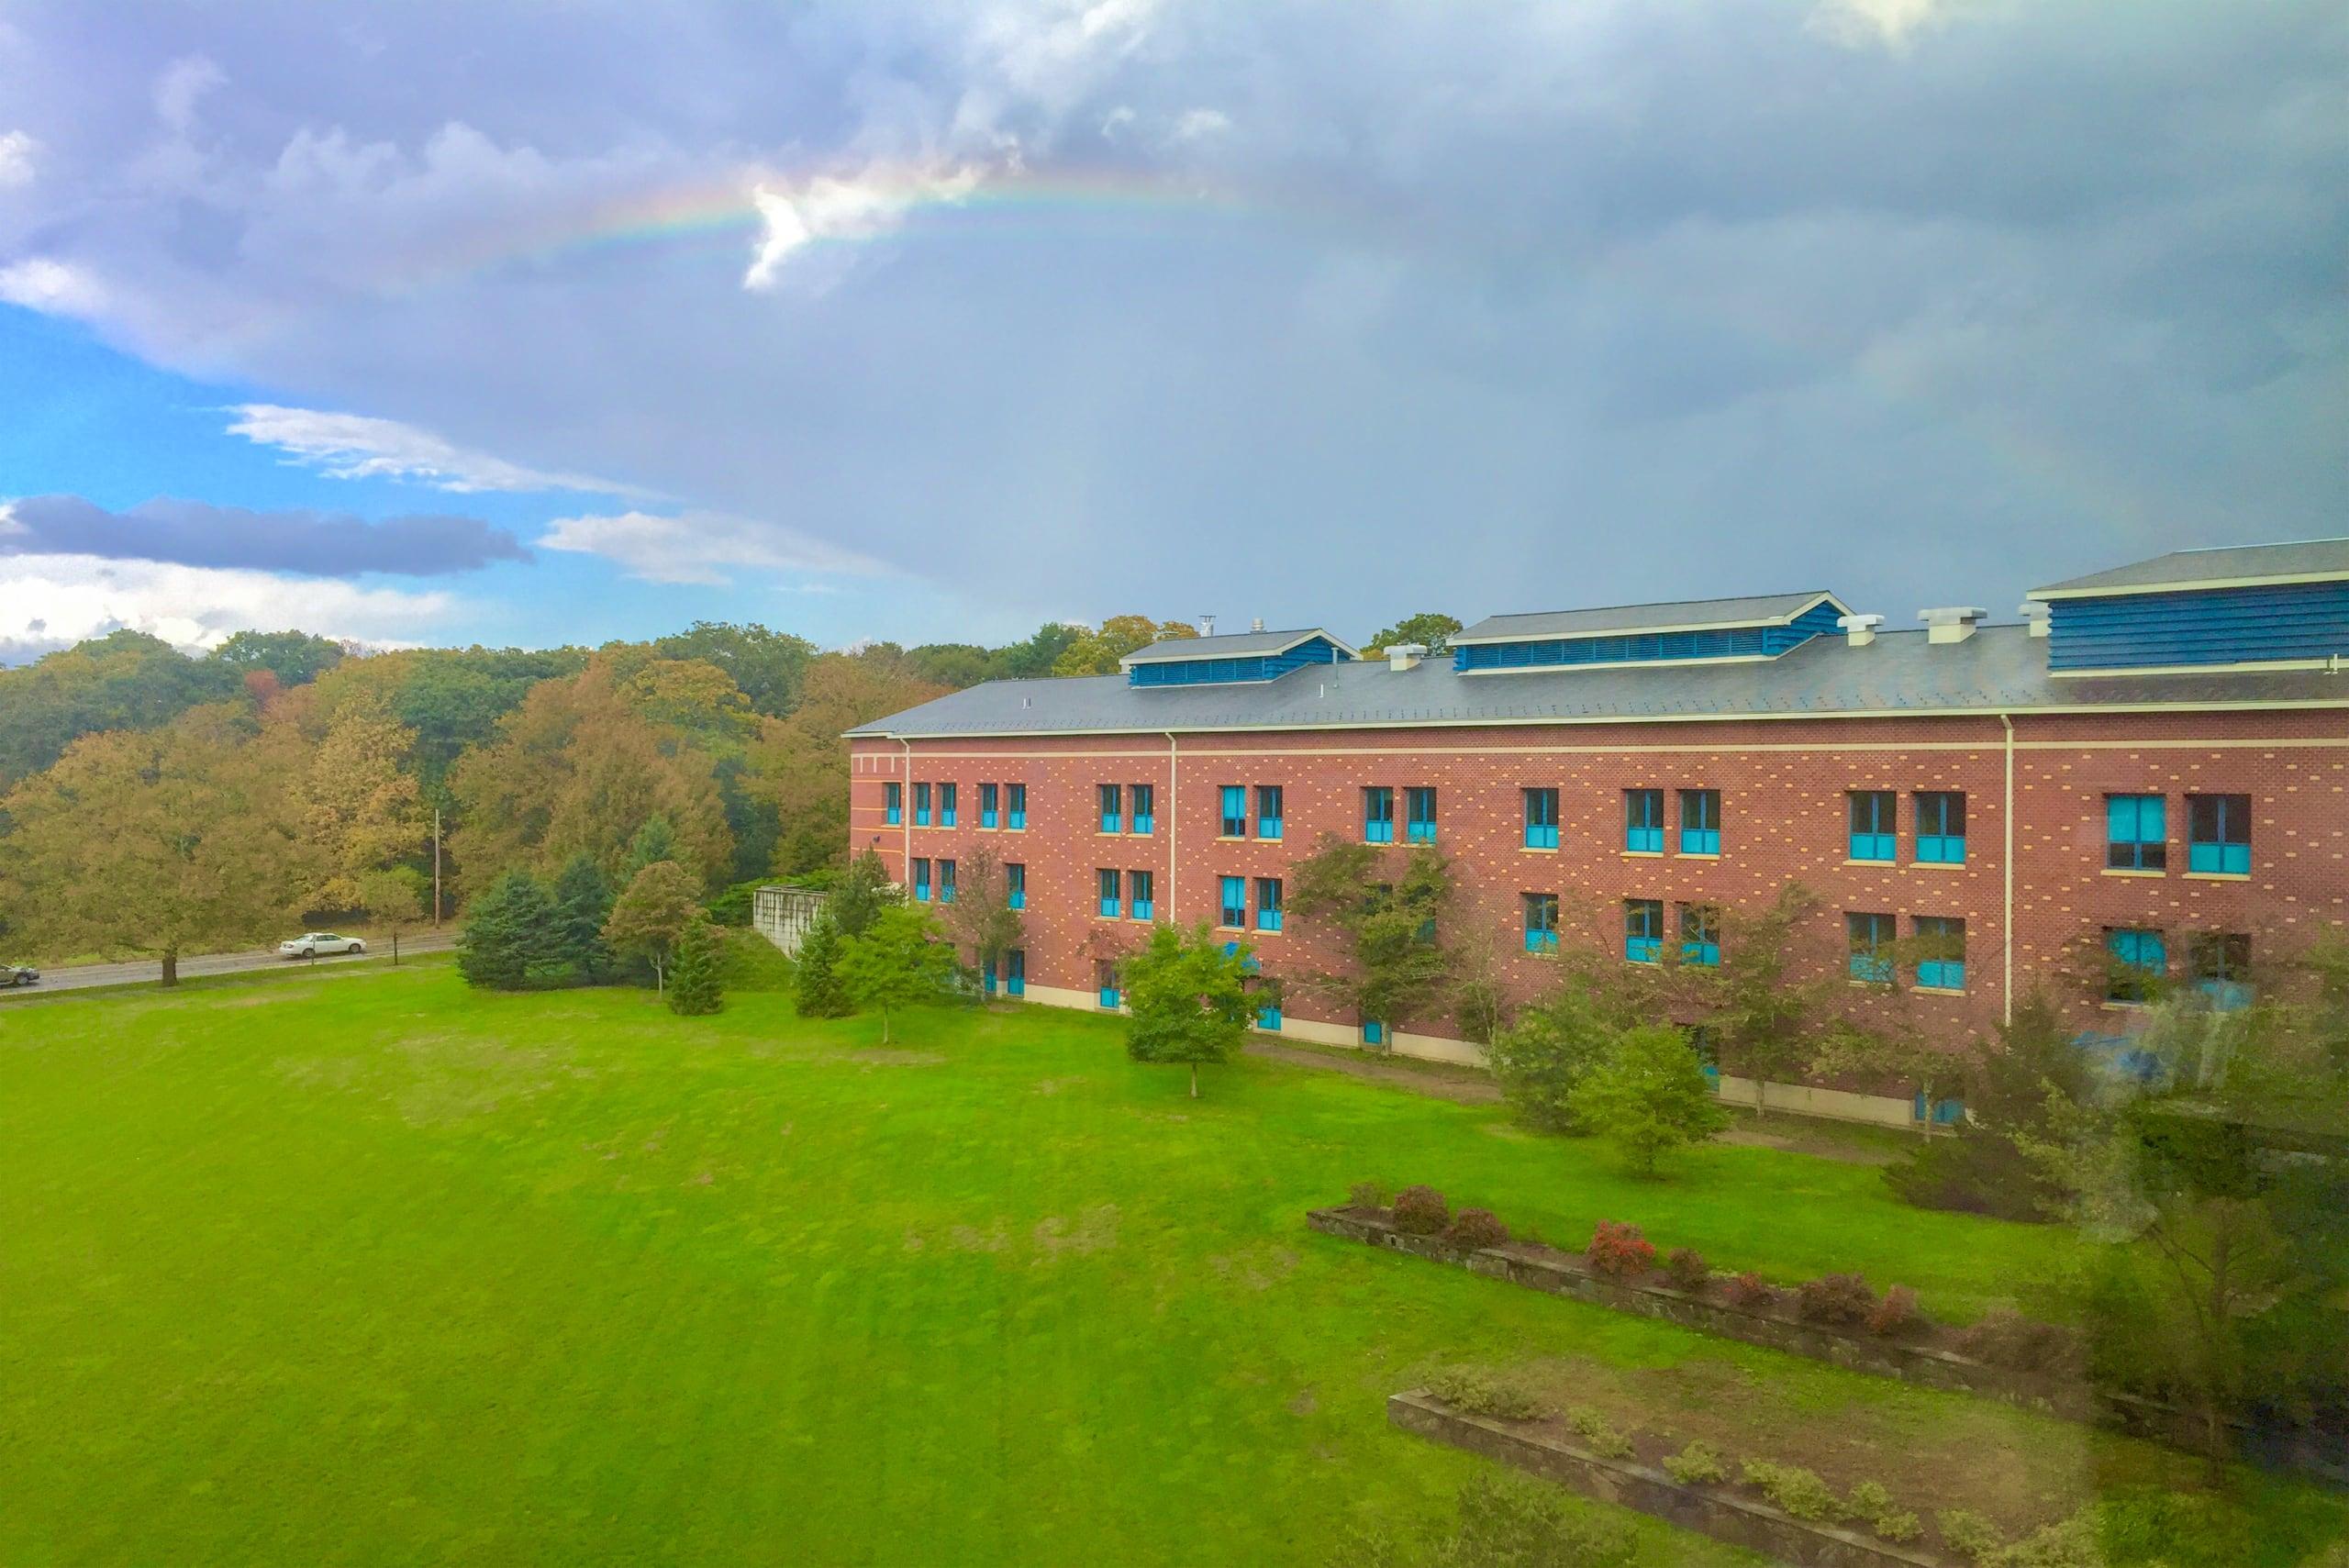 a rainbow over the Pharmacy quad